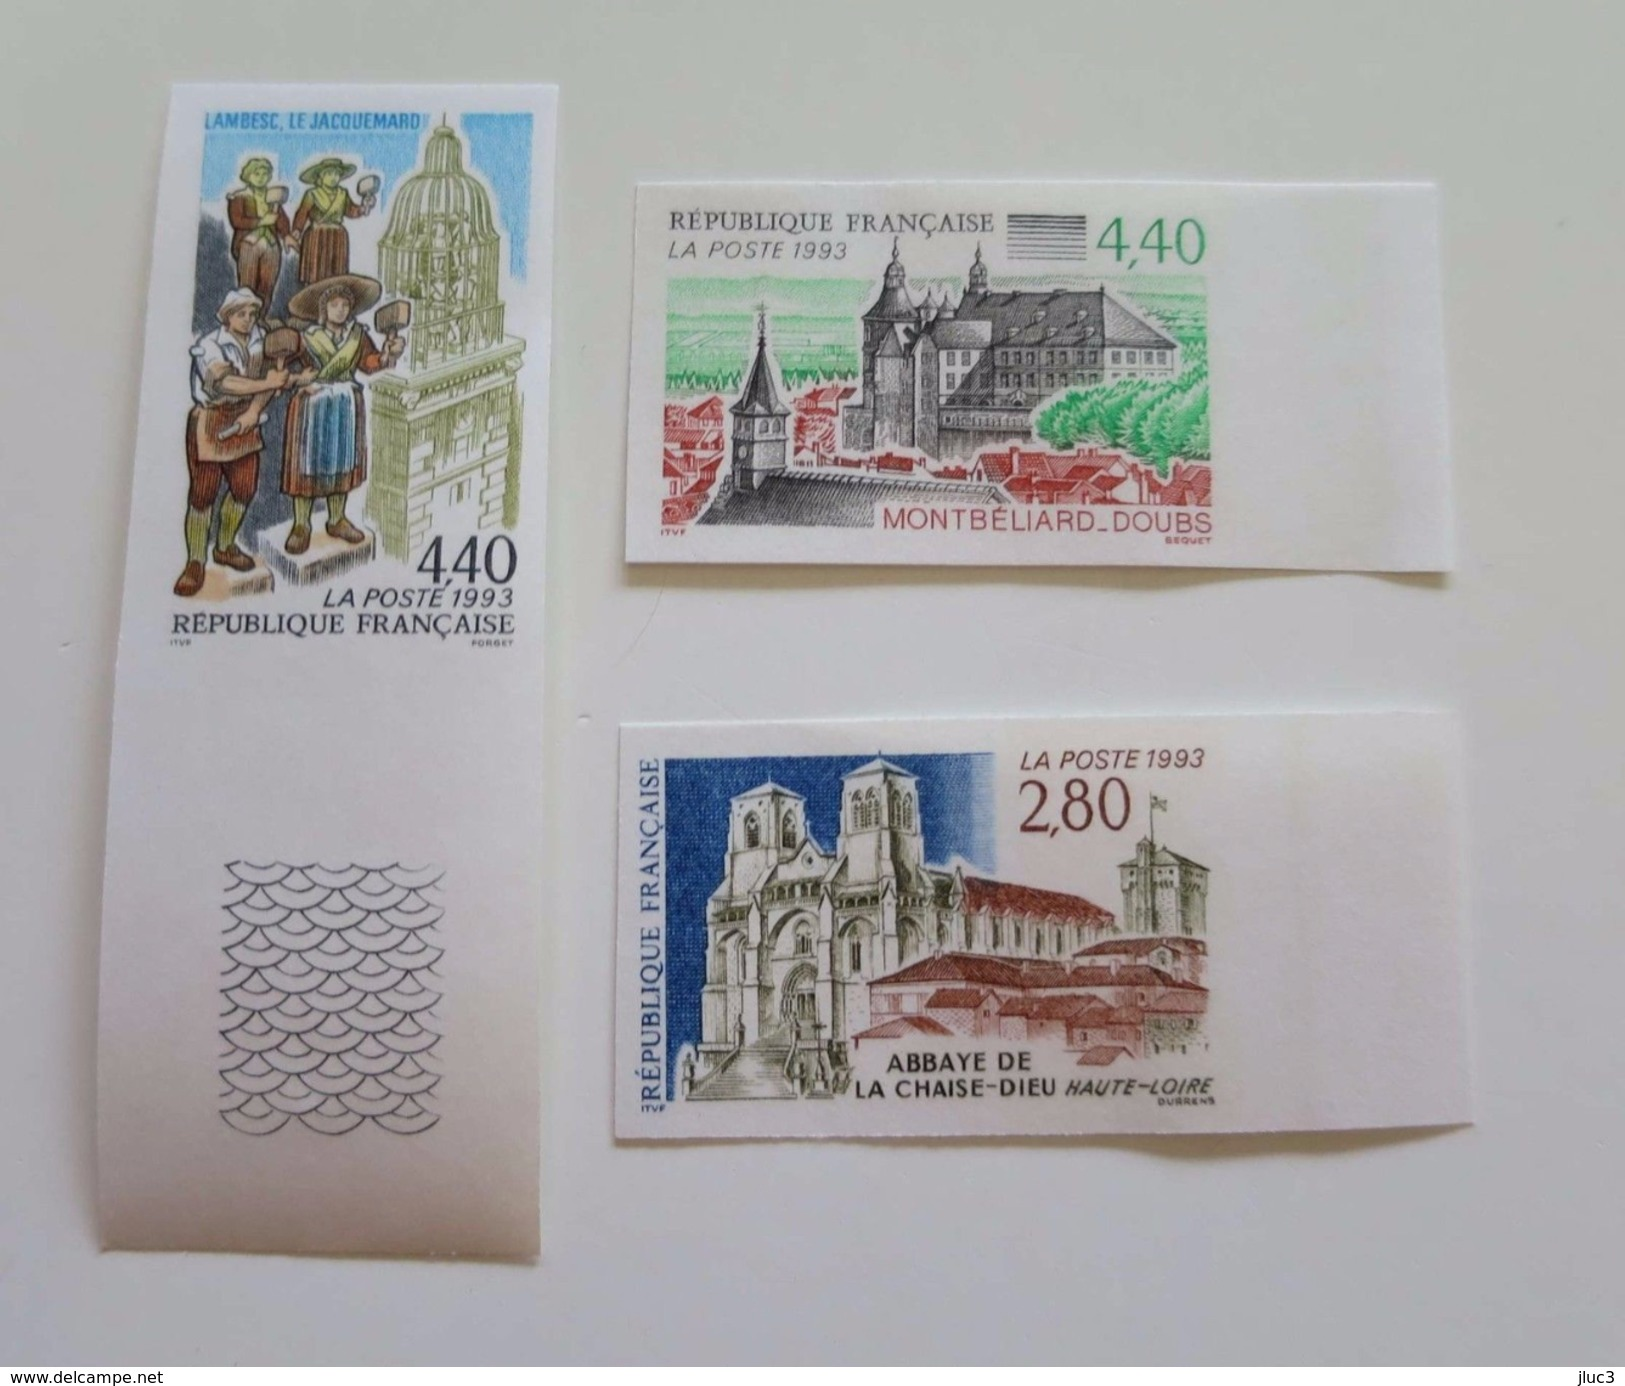 ZFRn2825-7a - RARE - FRANCE 1993 - Superbe Série Touristique - N°2825/27a - Non Dentelés Neufs** - Qualité LUXE - Non Dentellati